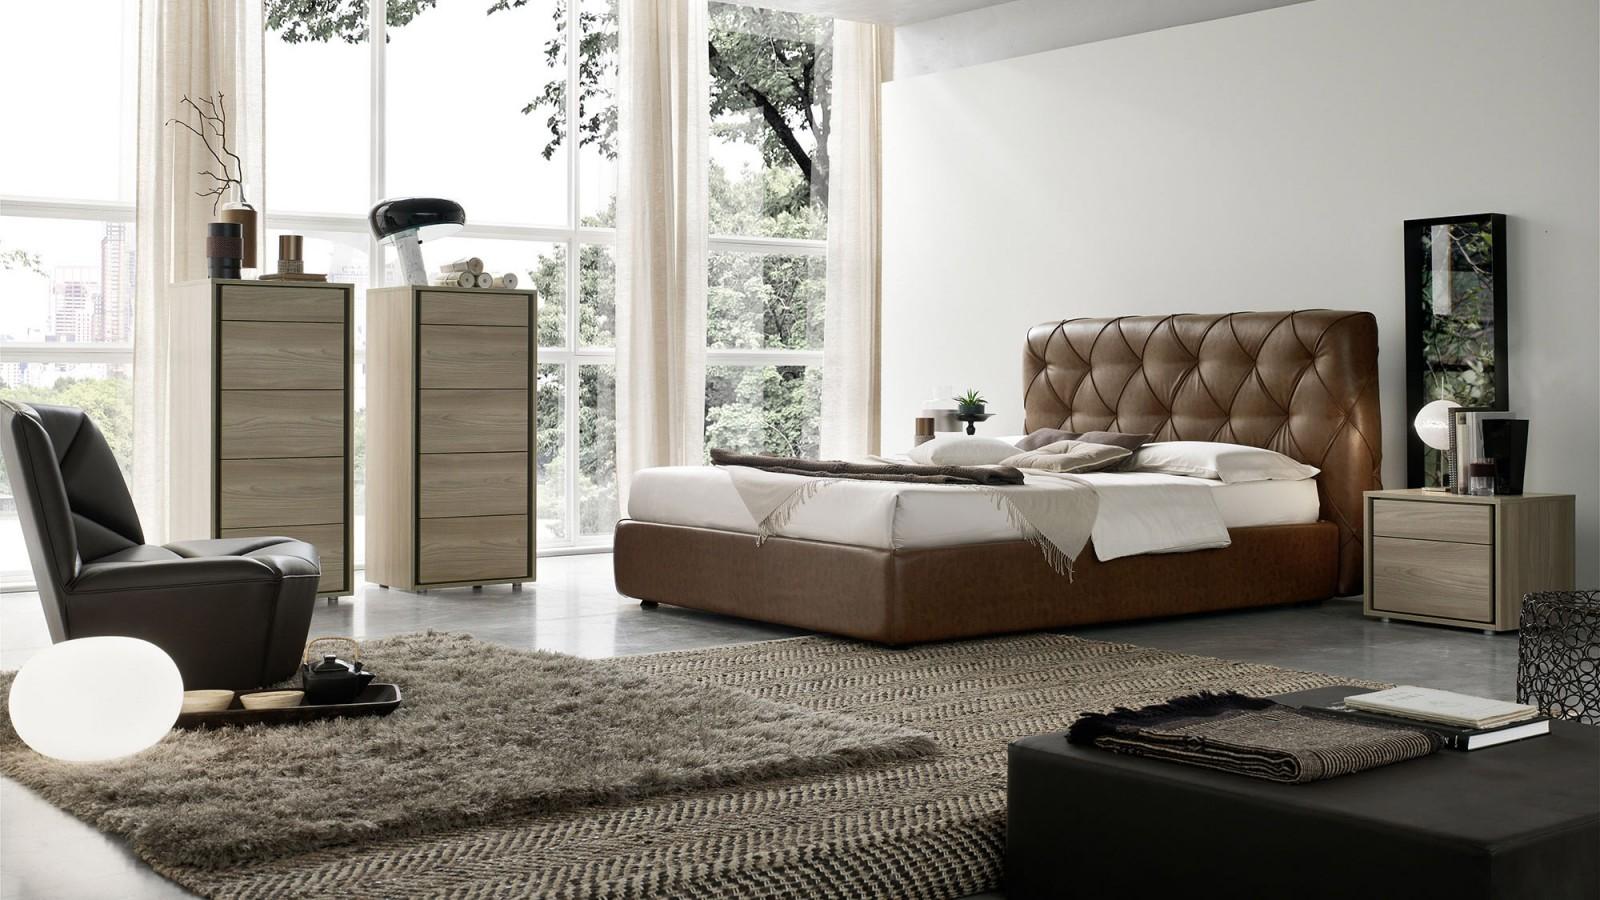 Letto matisse orme letto matrimoniale centro mobili for Arredamento camera letto